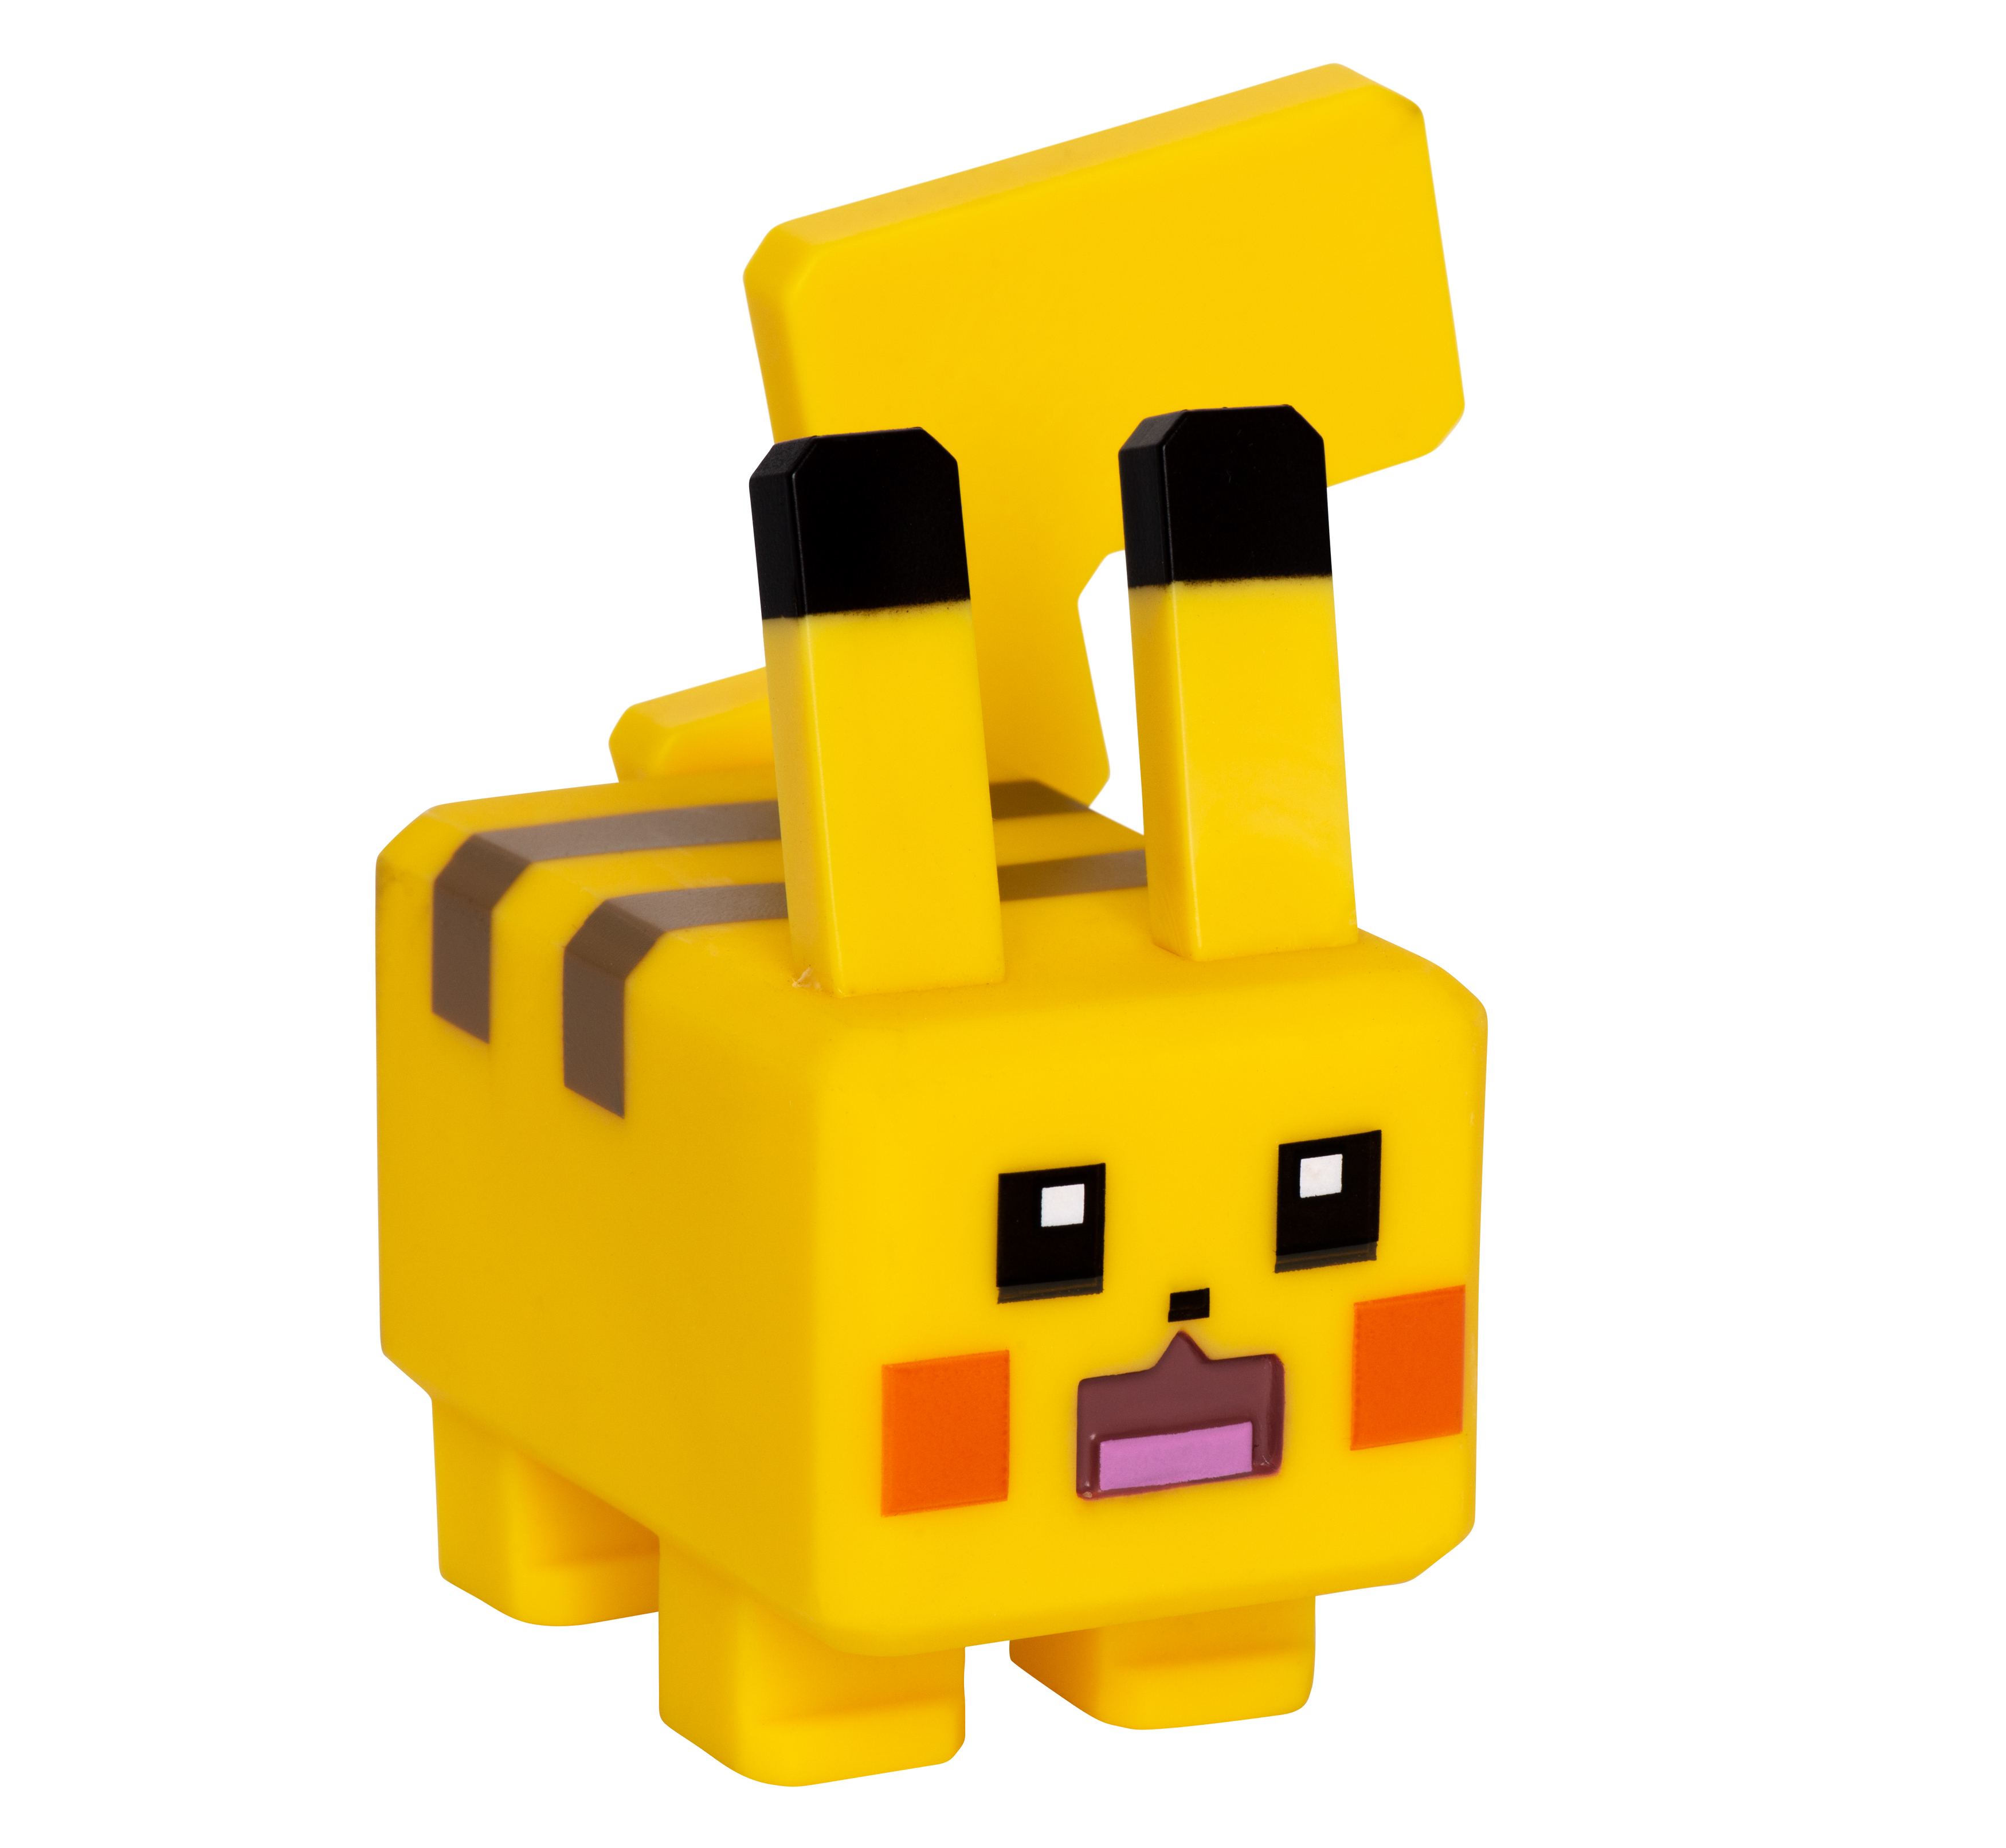 Pokémon Quest Vinyl Figur - Pikachu 8 cm